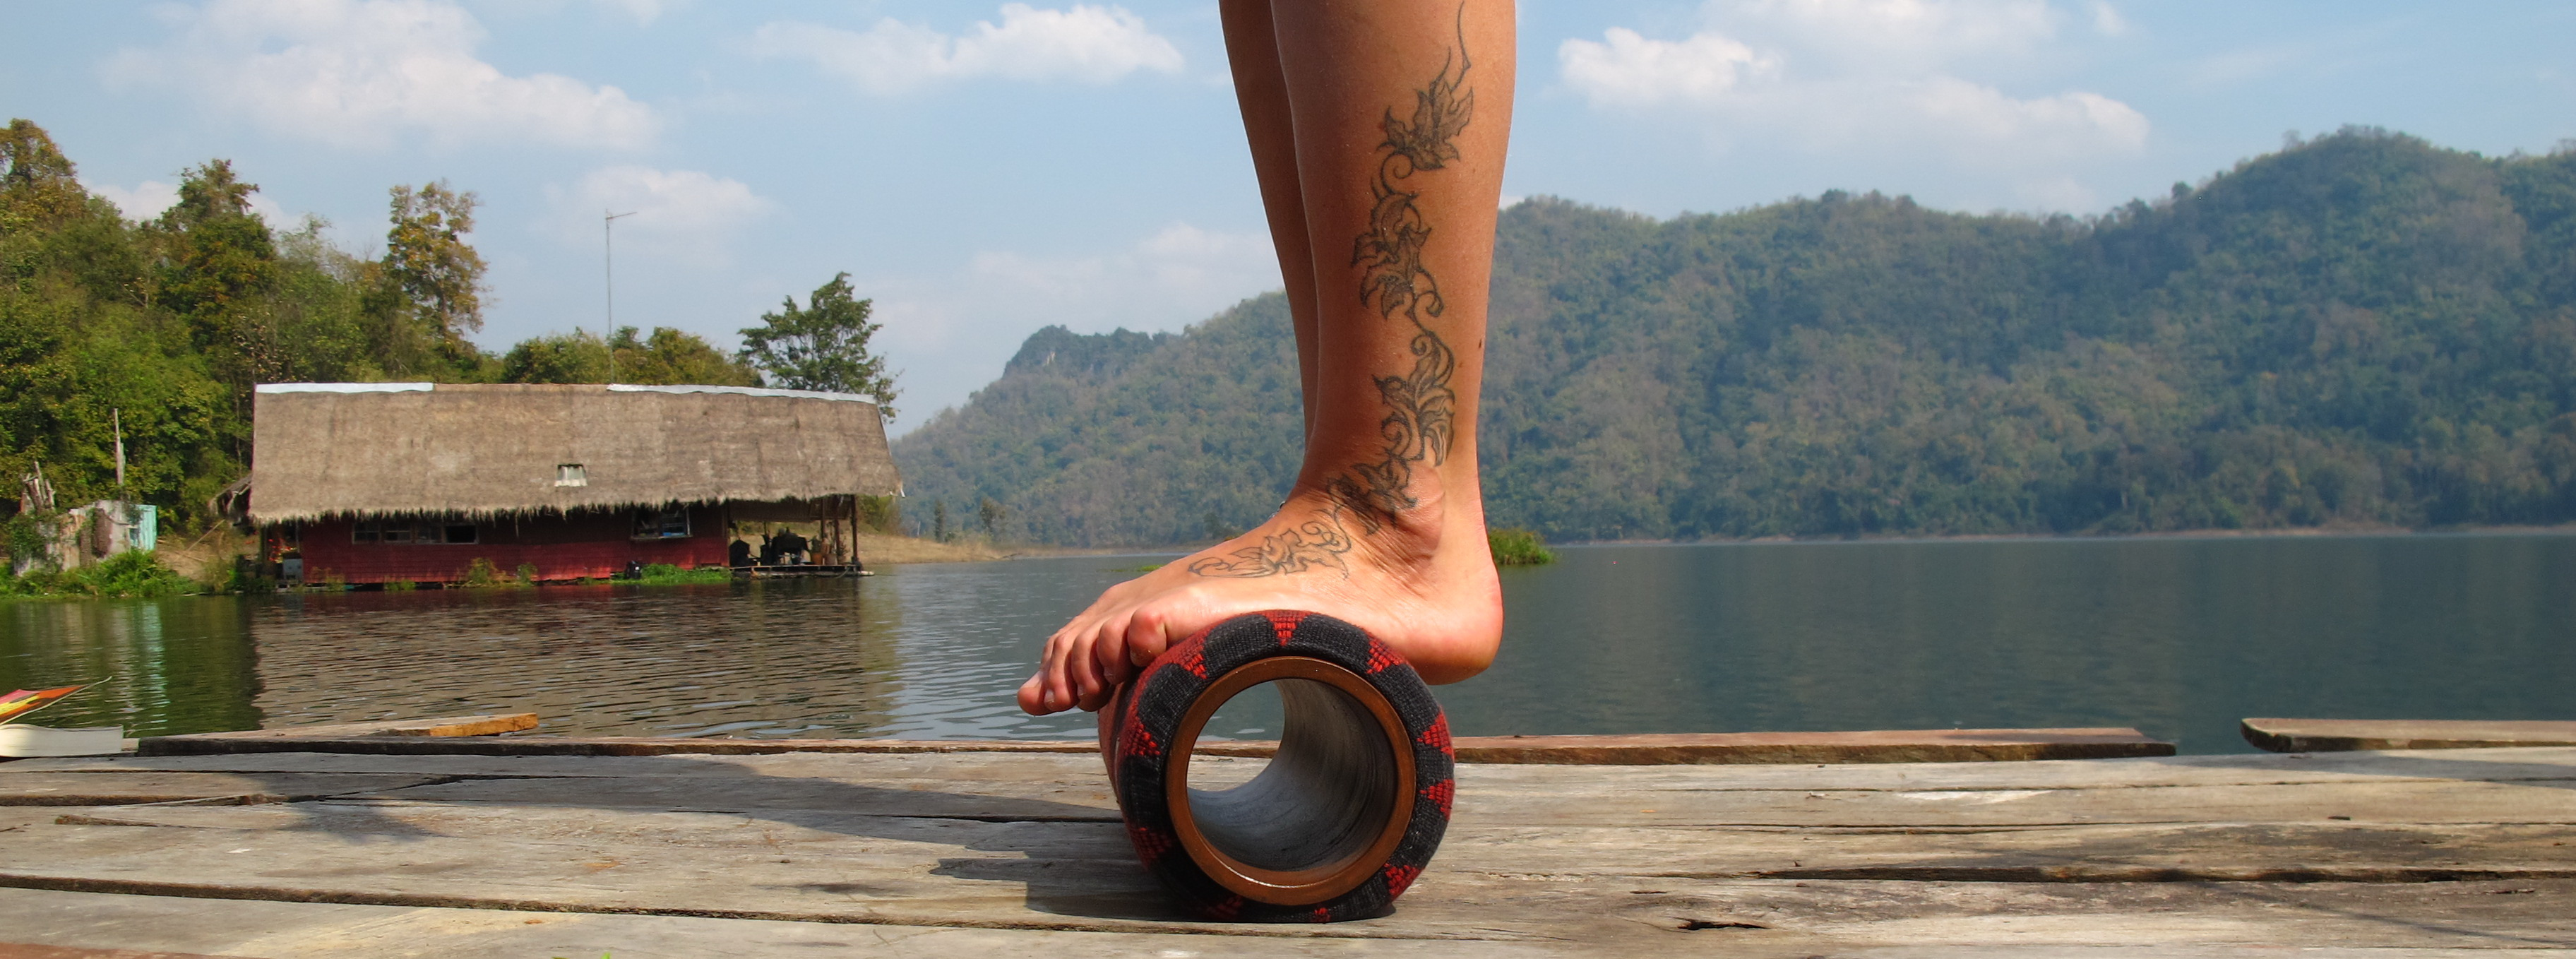 Lanna-Roller-Natural-Foam-Roller-standing